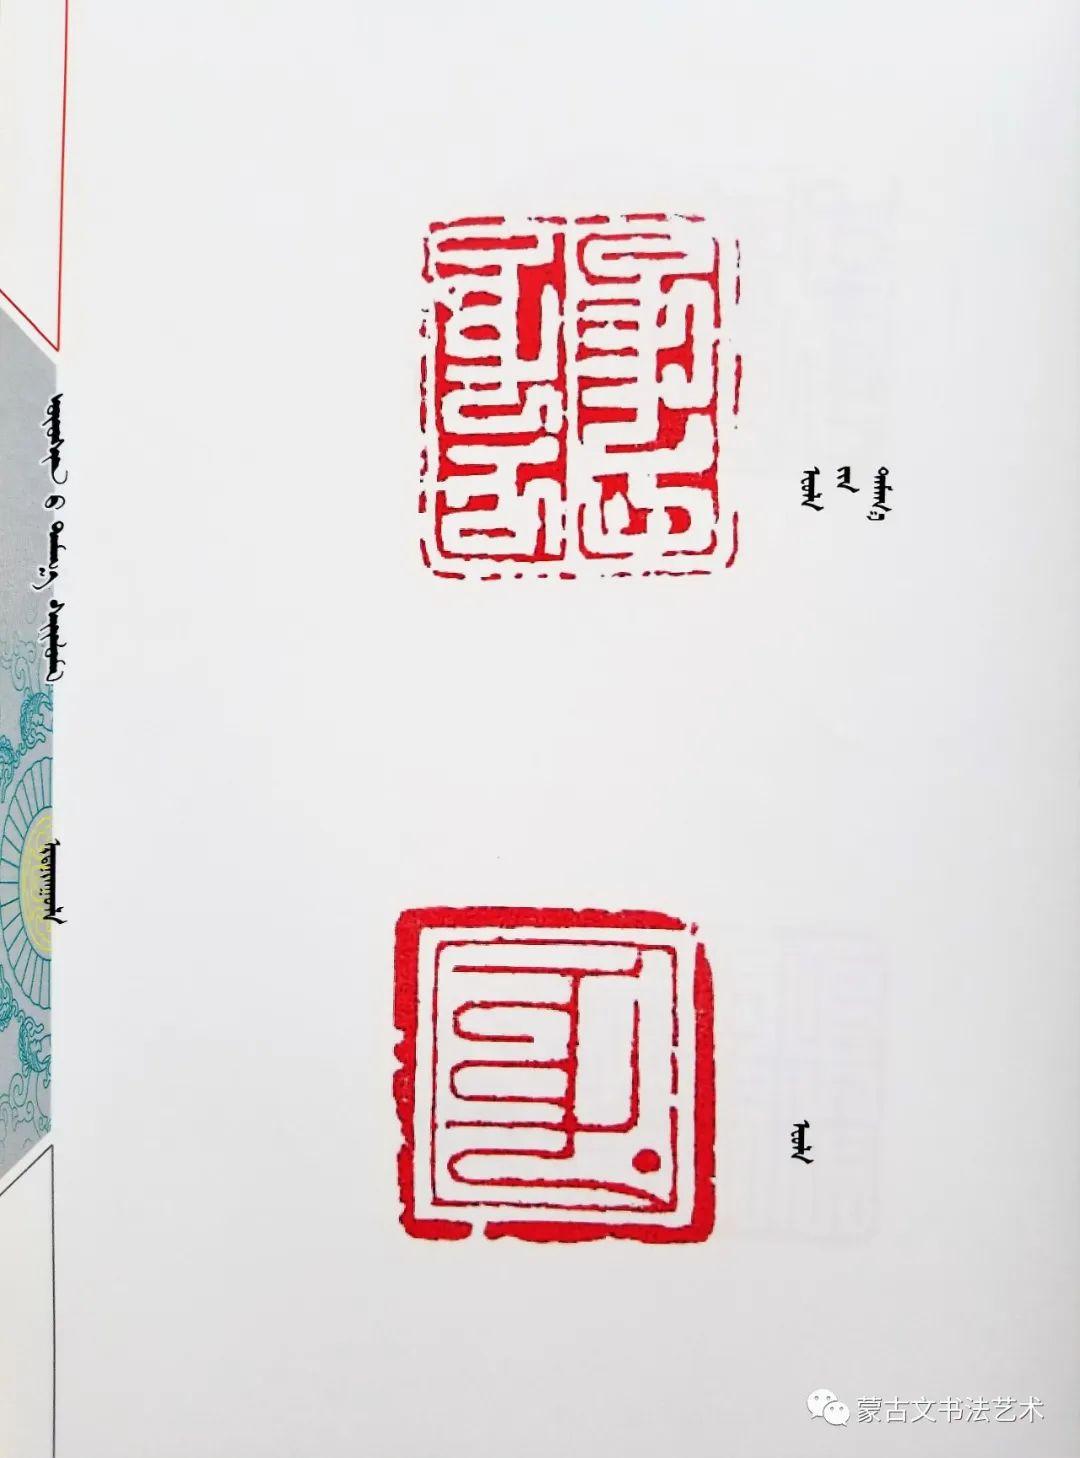 阿拉腾毕力格《乌审旗书法与篆刻精选》 第20张 阿拉腾毕力格《乌审旗书法与篆刻精选》 蒙古书法